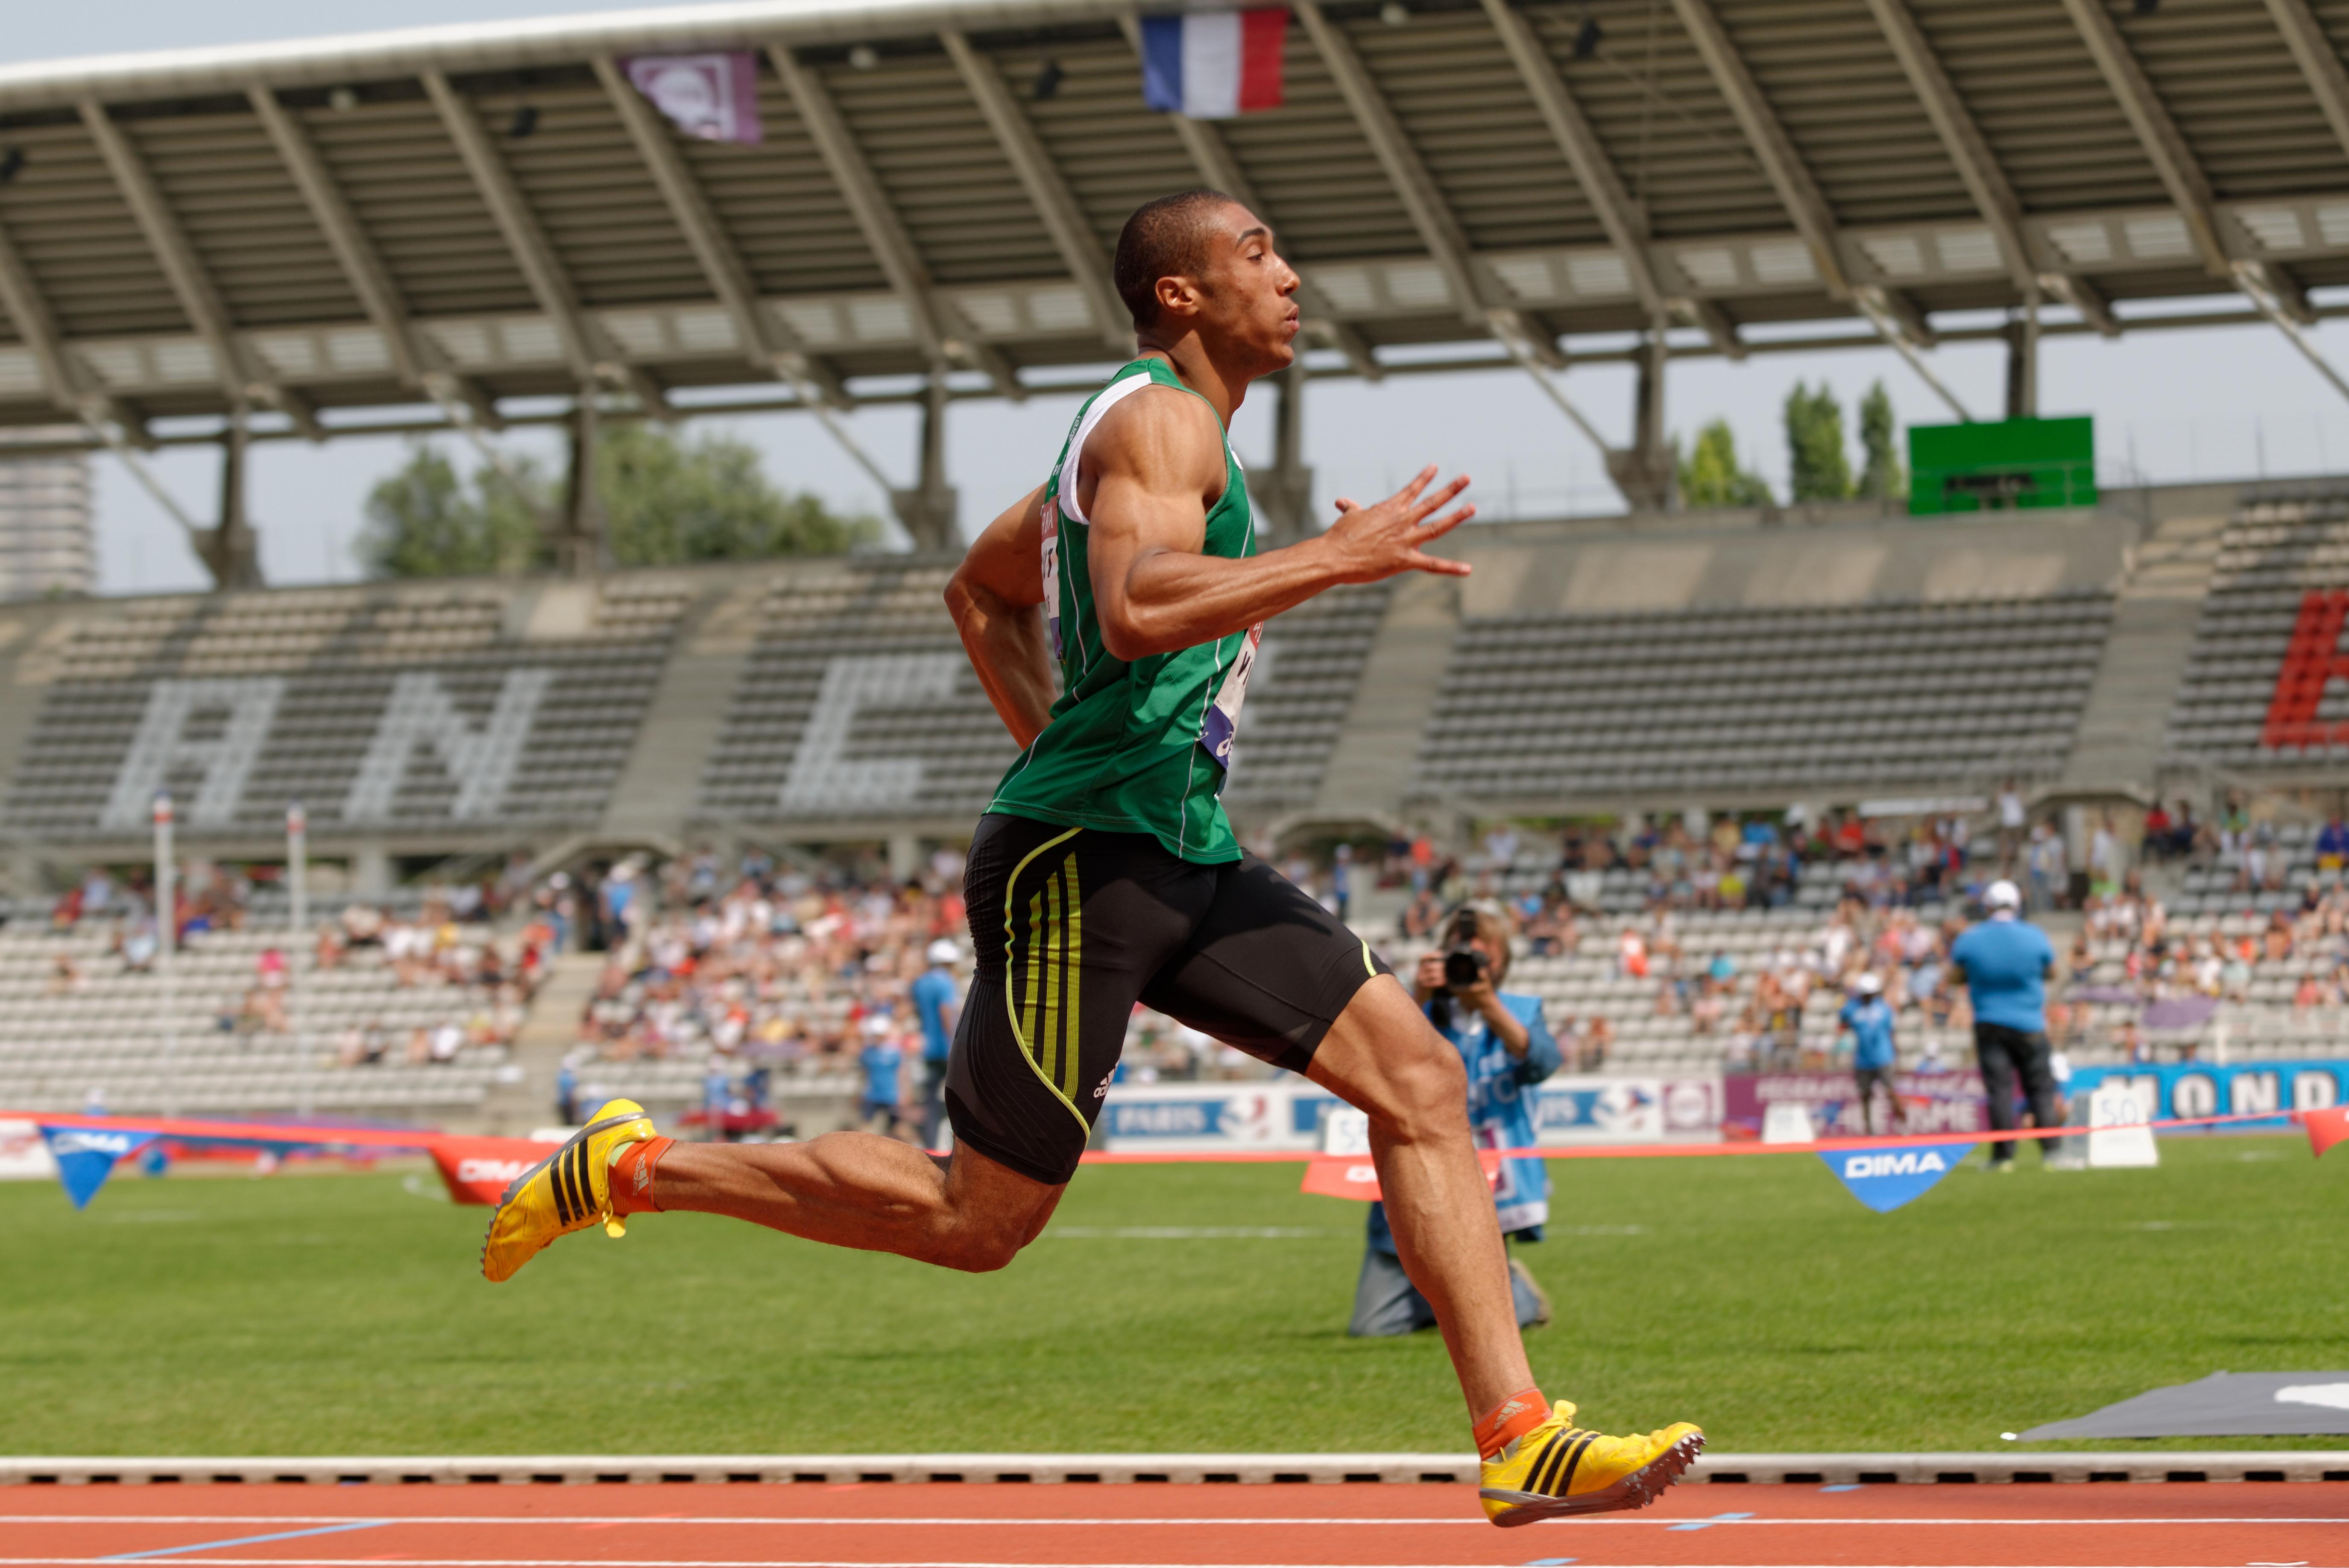 Muskultura.mk | Спринтер | Џогирање или спринтови?